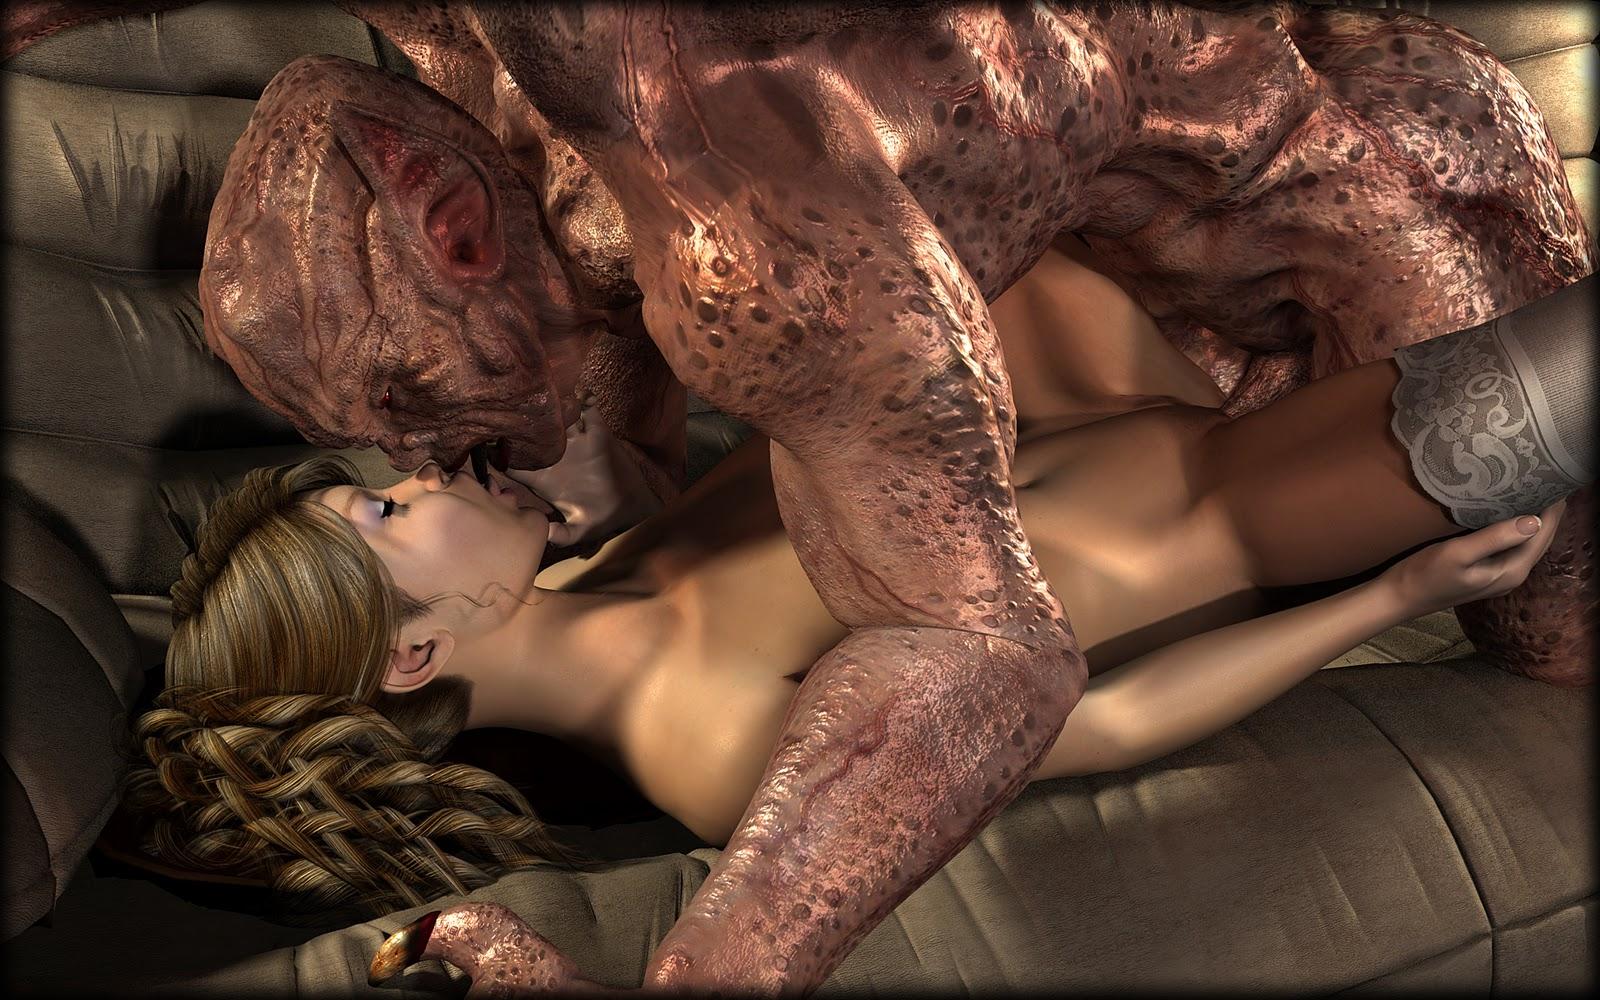 Эротика с монстрами и ужасы, Монстры Порно, смотреть Мультики с Монстрами 2 фотография